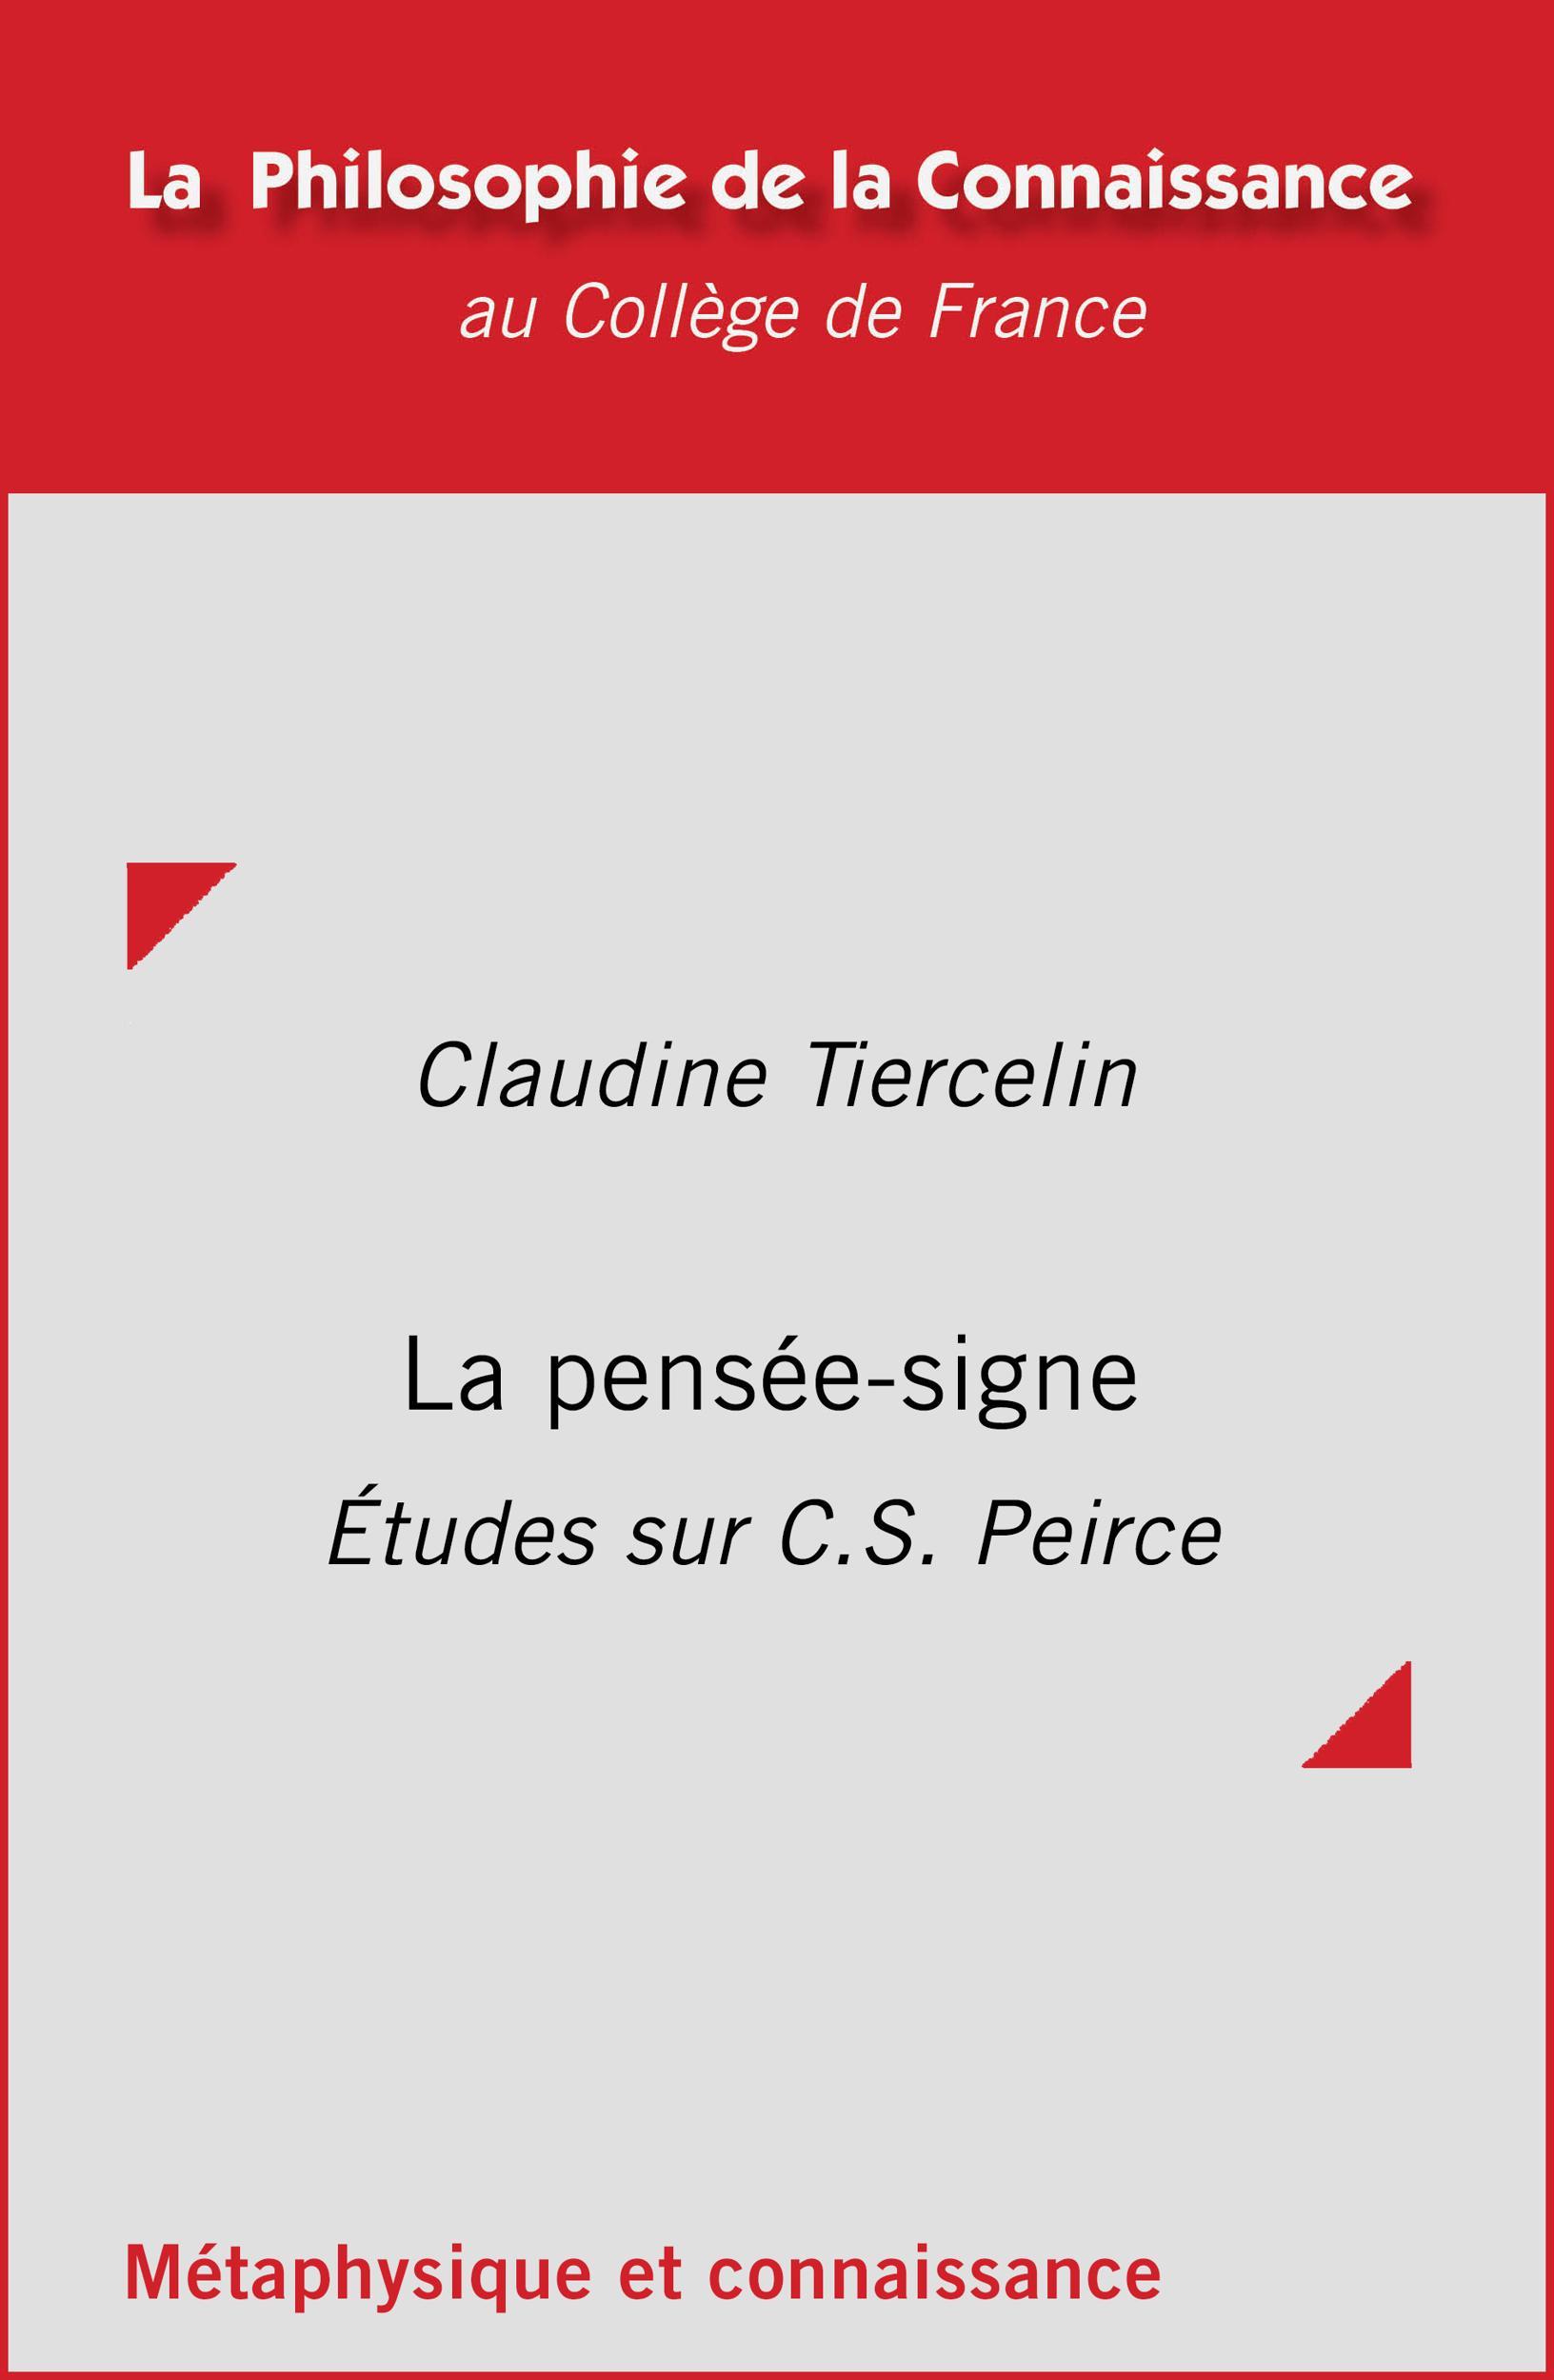 La pensée-signe, ÉTUDES SUR C. S. PEIRCE